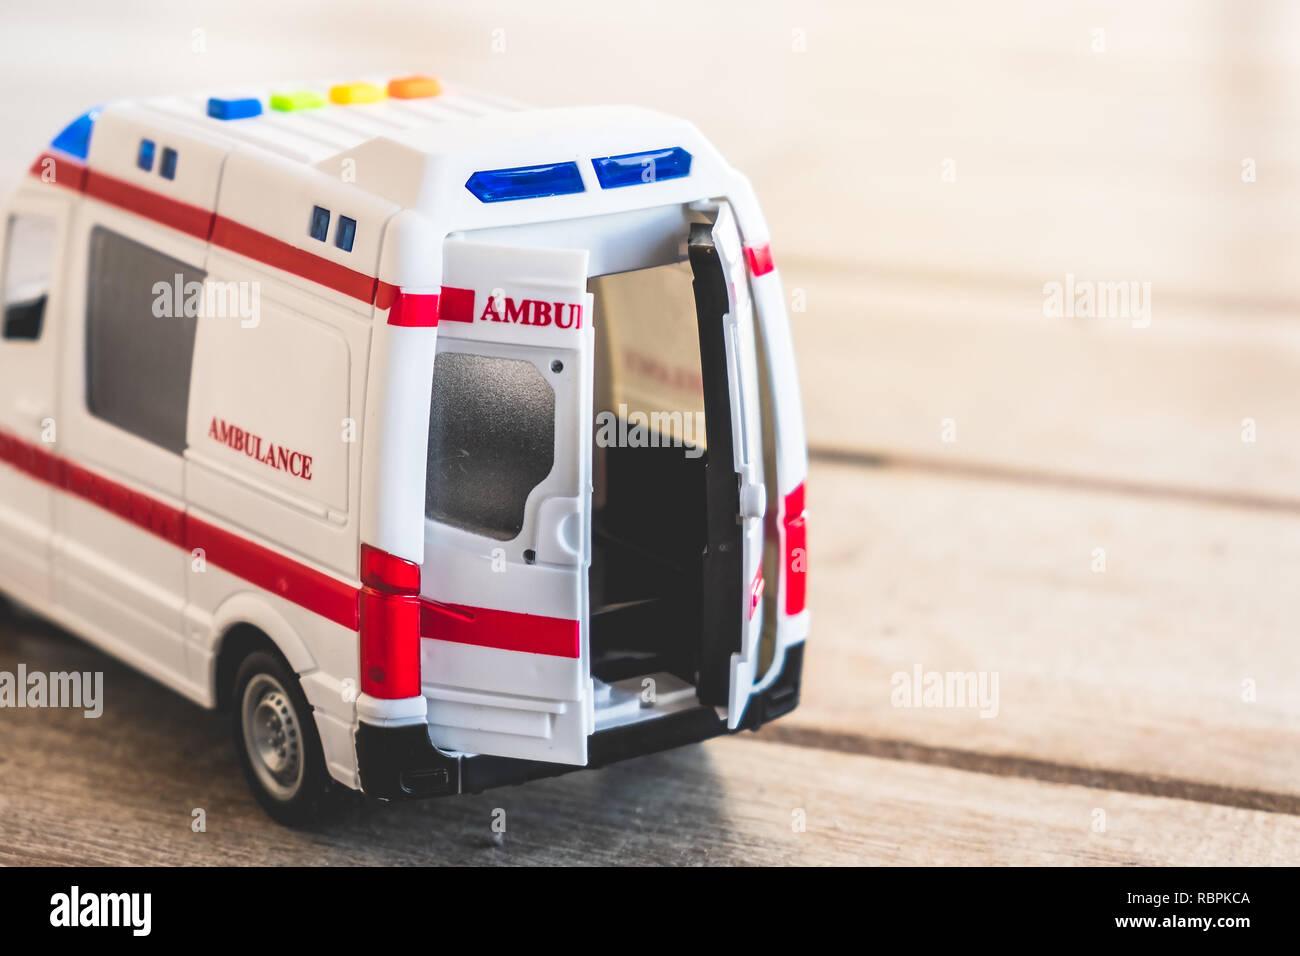 Portes d'ambulance de soins de santé de base toy close up Photo Stock